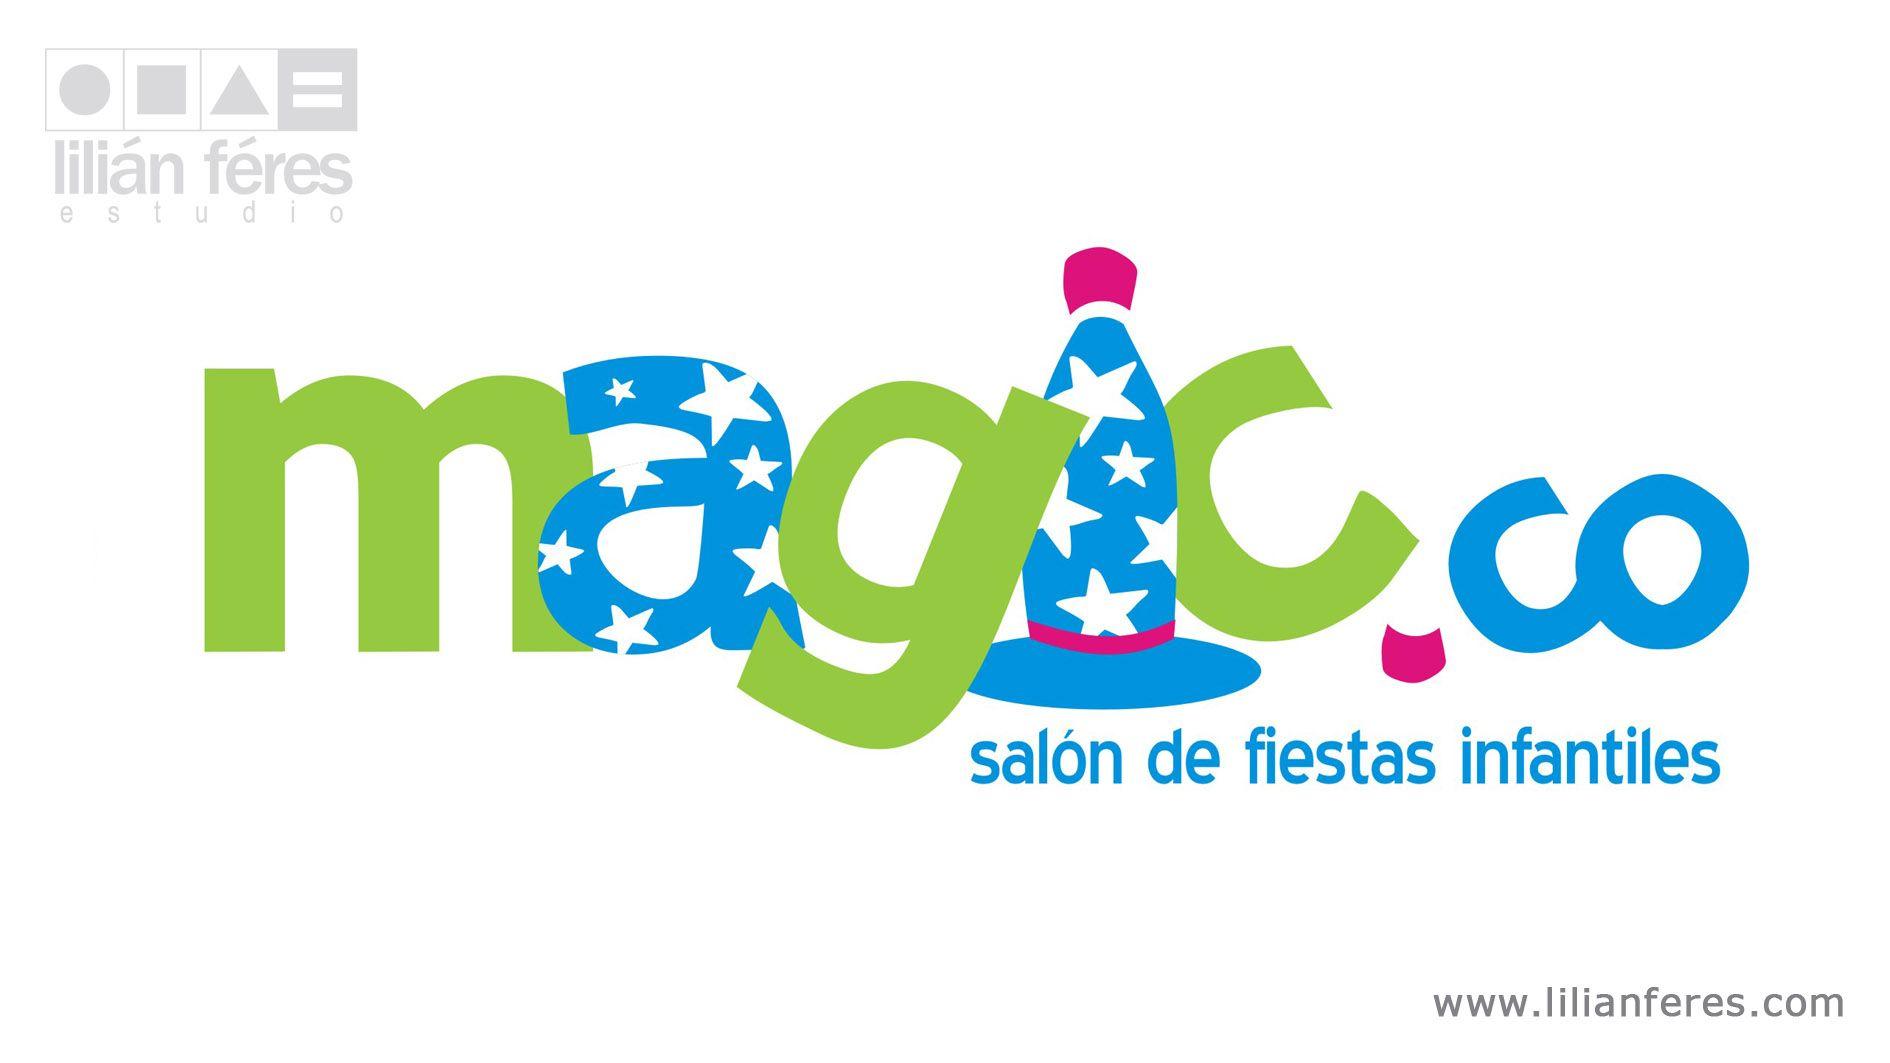 Dise o de logotipo para sal n de fiestas infantiles - Salon de diseno ...